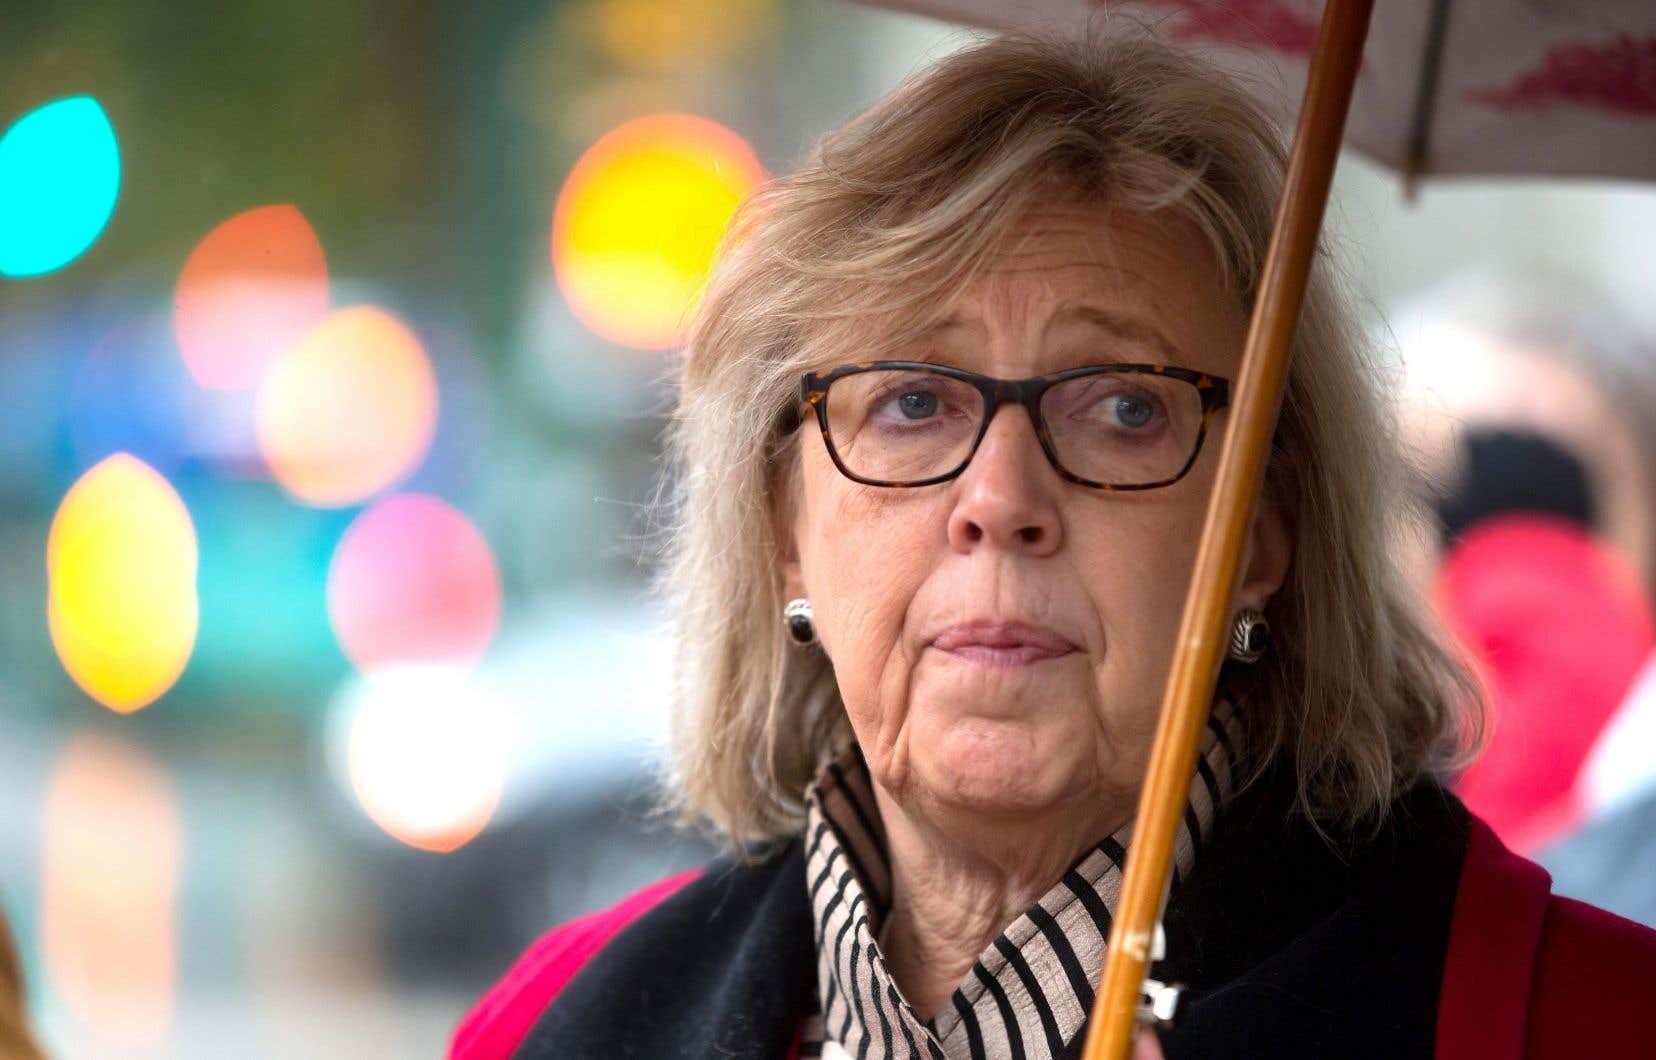 La cheffe du Parti vert avait déjà annoncé son intention de céder la direction de son parti. Mais voilà qu'elle fait part de son désir d'assumer un nouveau rôle à Ottawa, celui de présidente de la Chambre des communes.